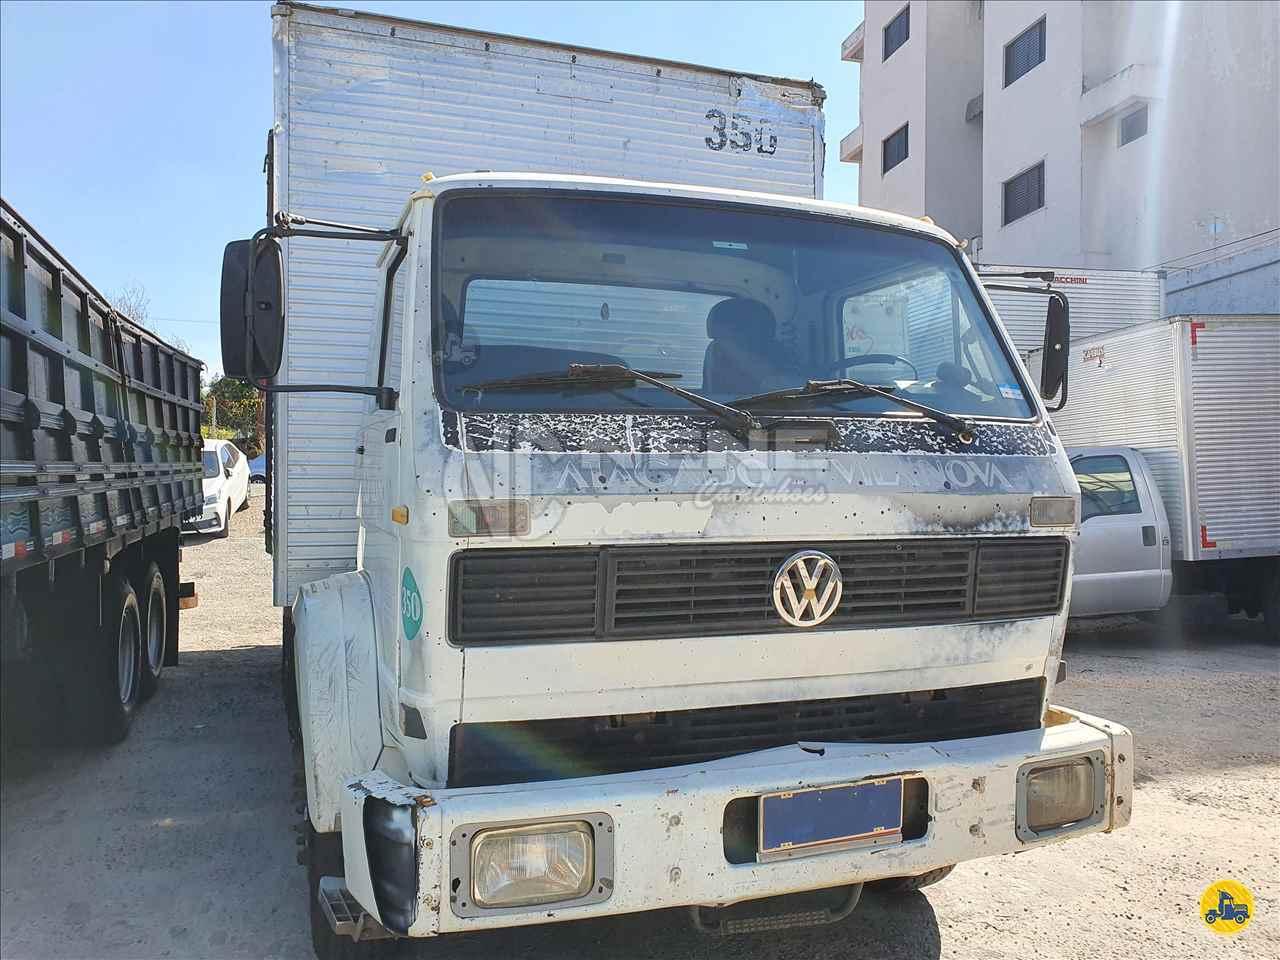 CAMINHAO VOLKSWAGEN VW 12140 Baú Furgão Toco 4x2 Nene Caminhões SAO JOAO DA BOA VISTA SÃO PAULO SP